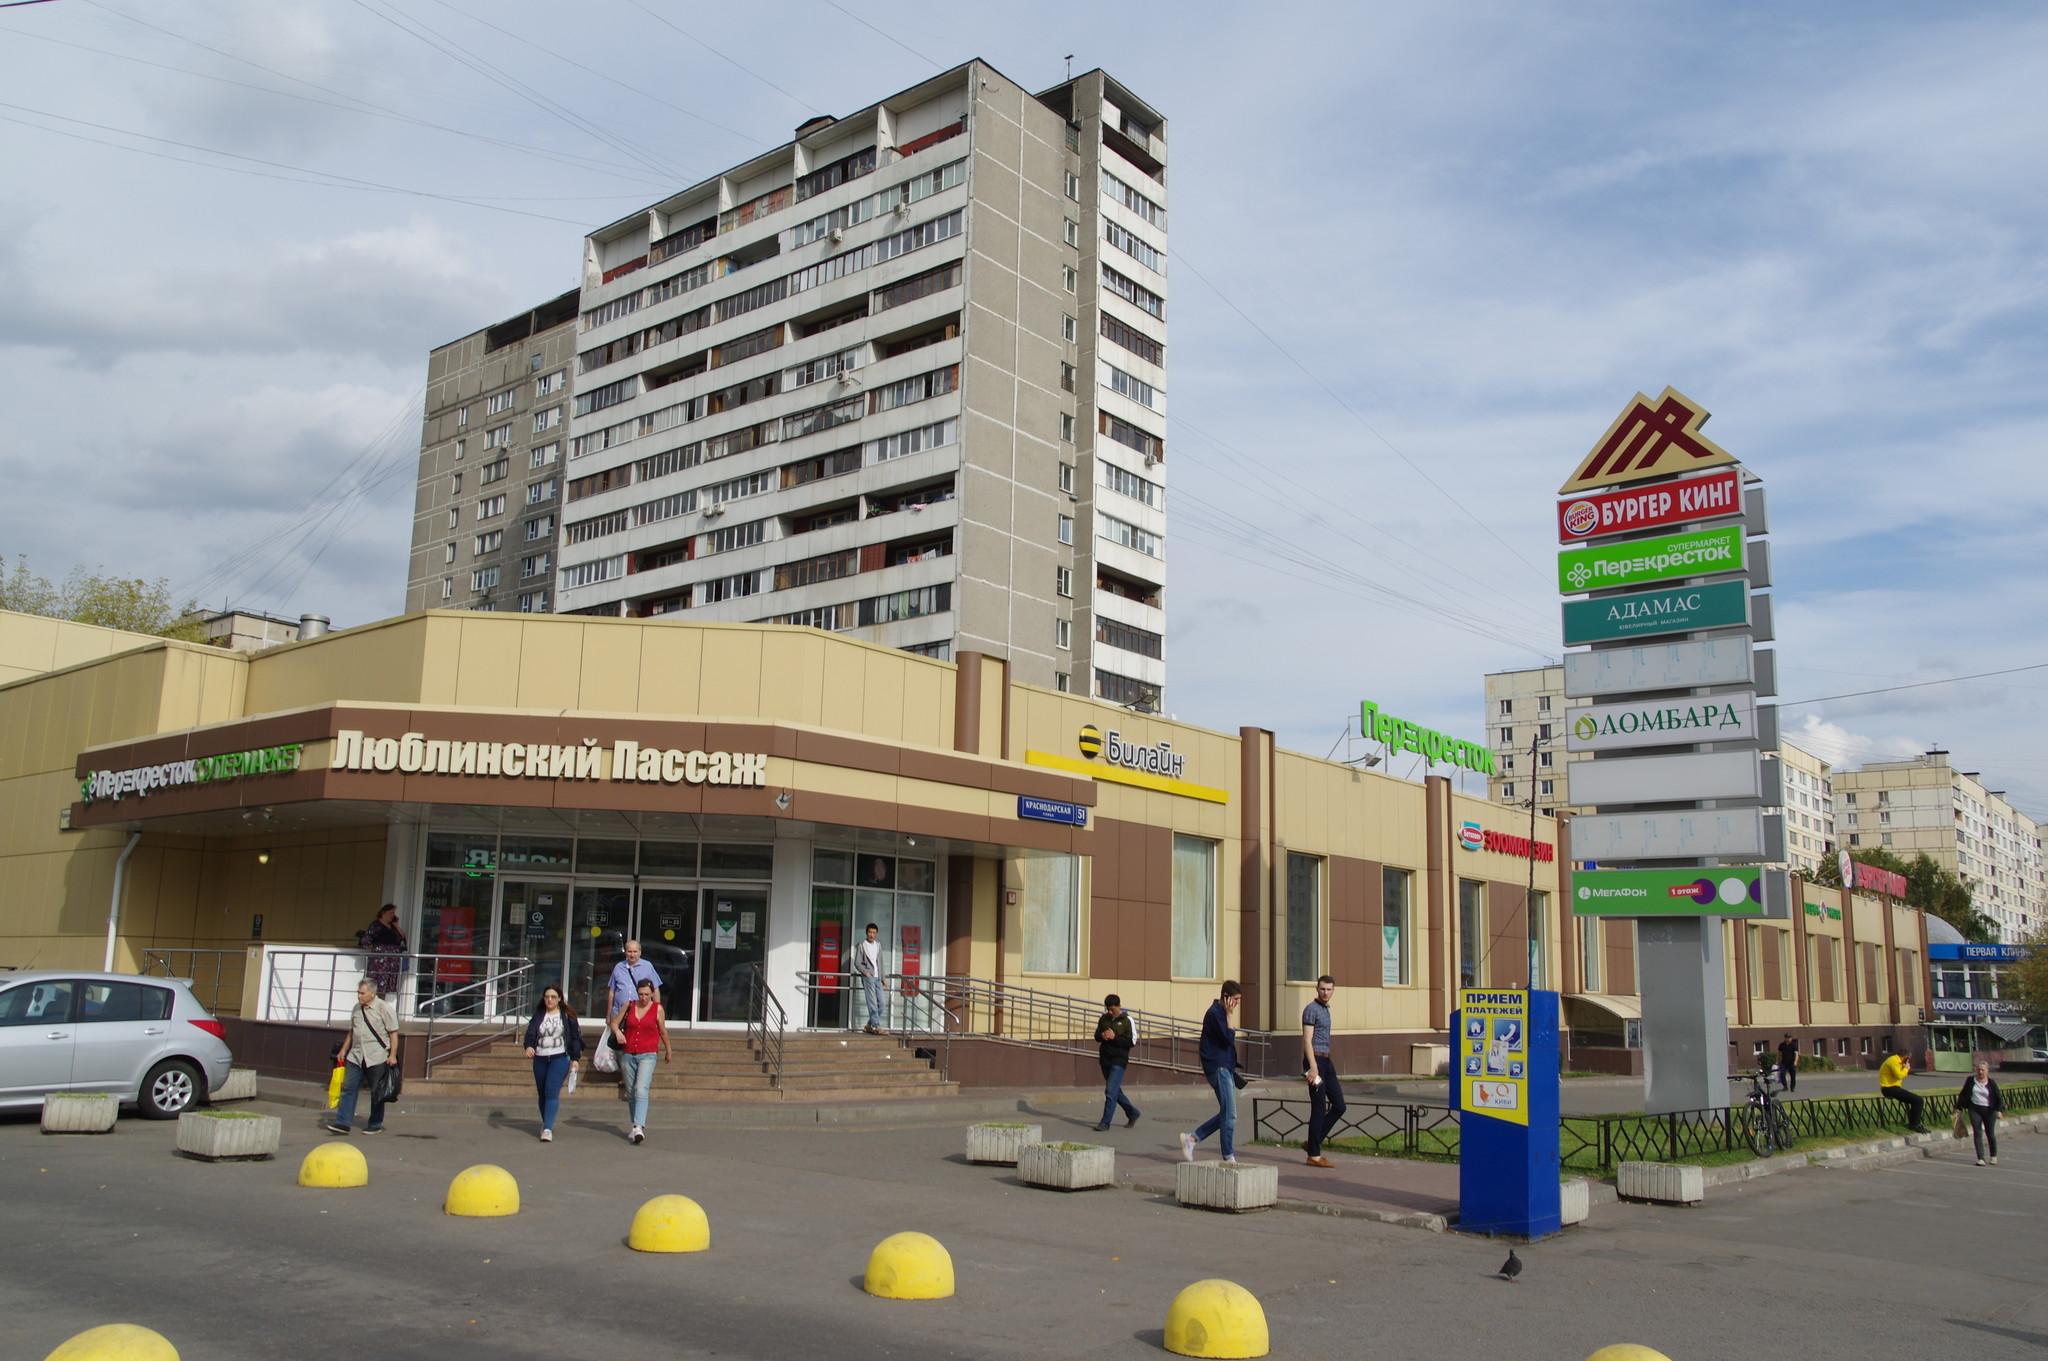 ТЦ «Люблинский пассаж» (Краснодарская улица, дом 51, корпус 2)